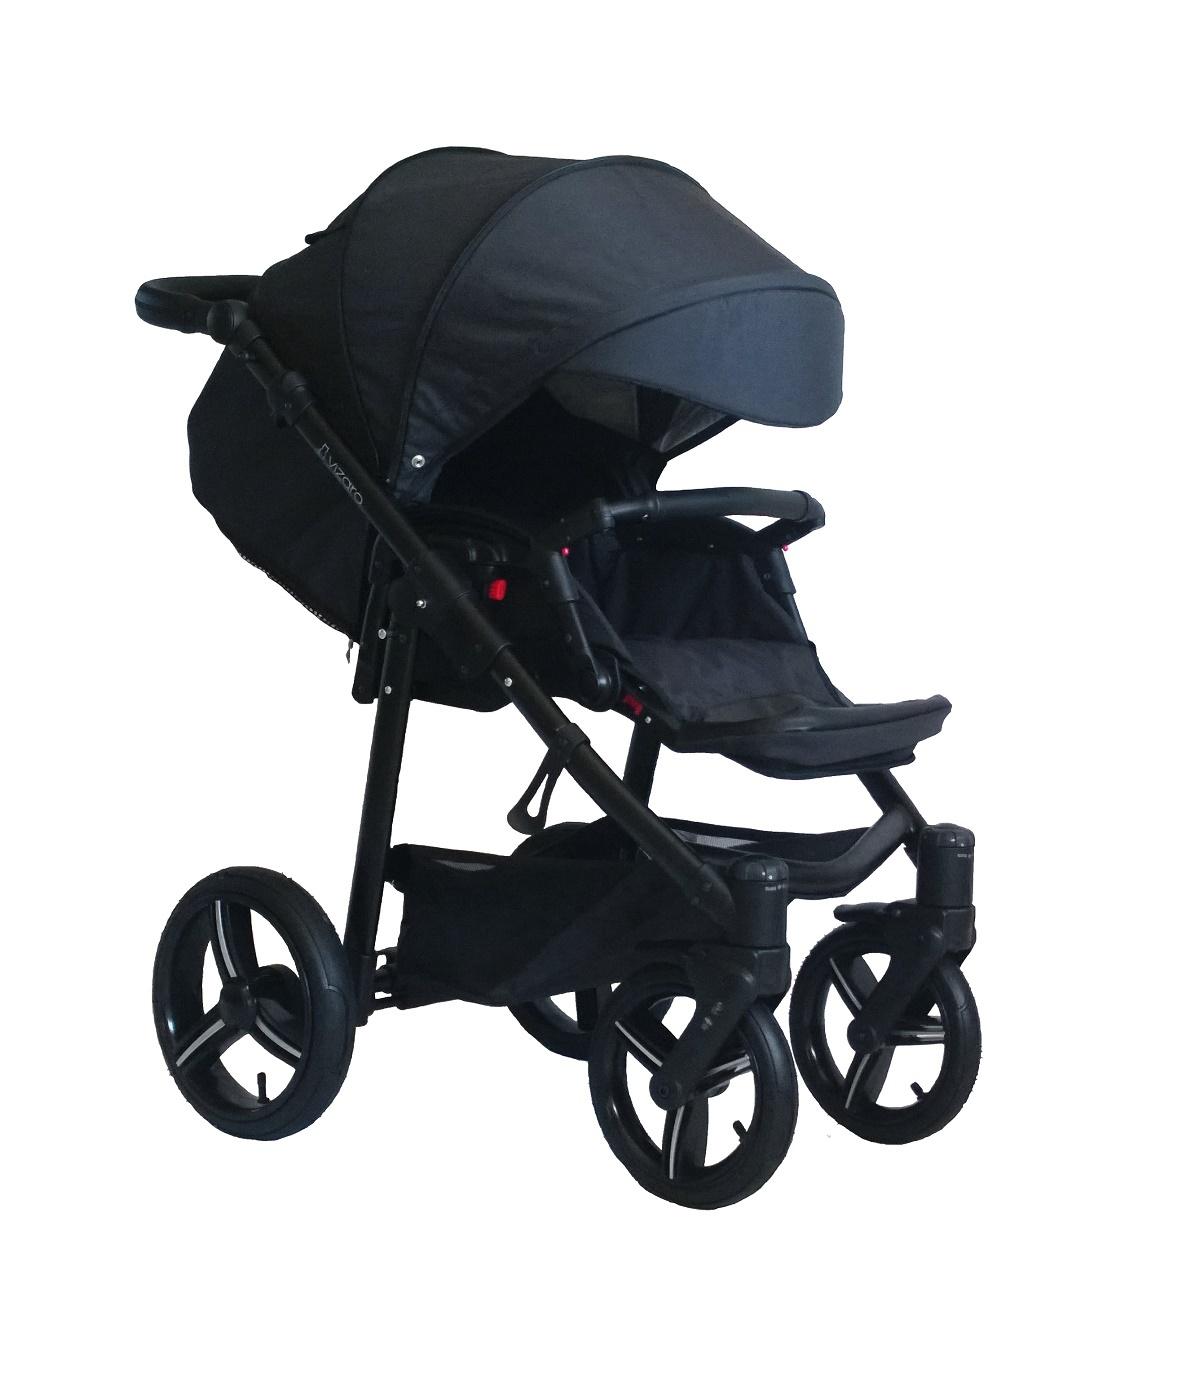 Vizaro onyx negro chasis negro kit 2 en 1 capazo y silla for Capazo y silla 2 en 1